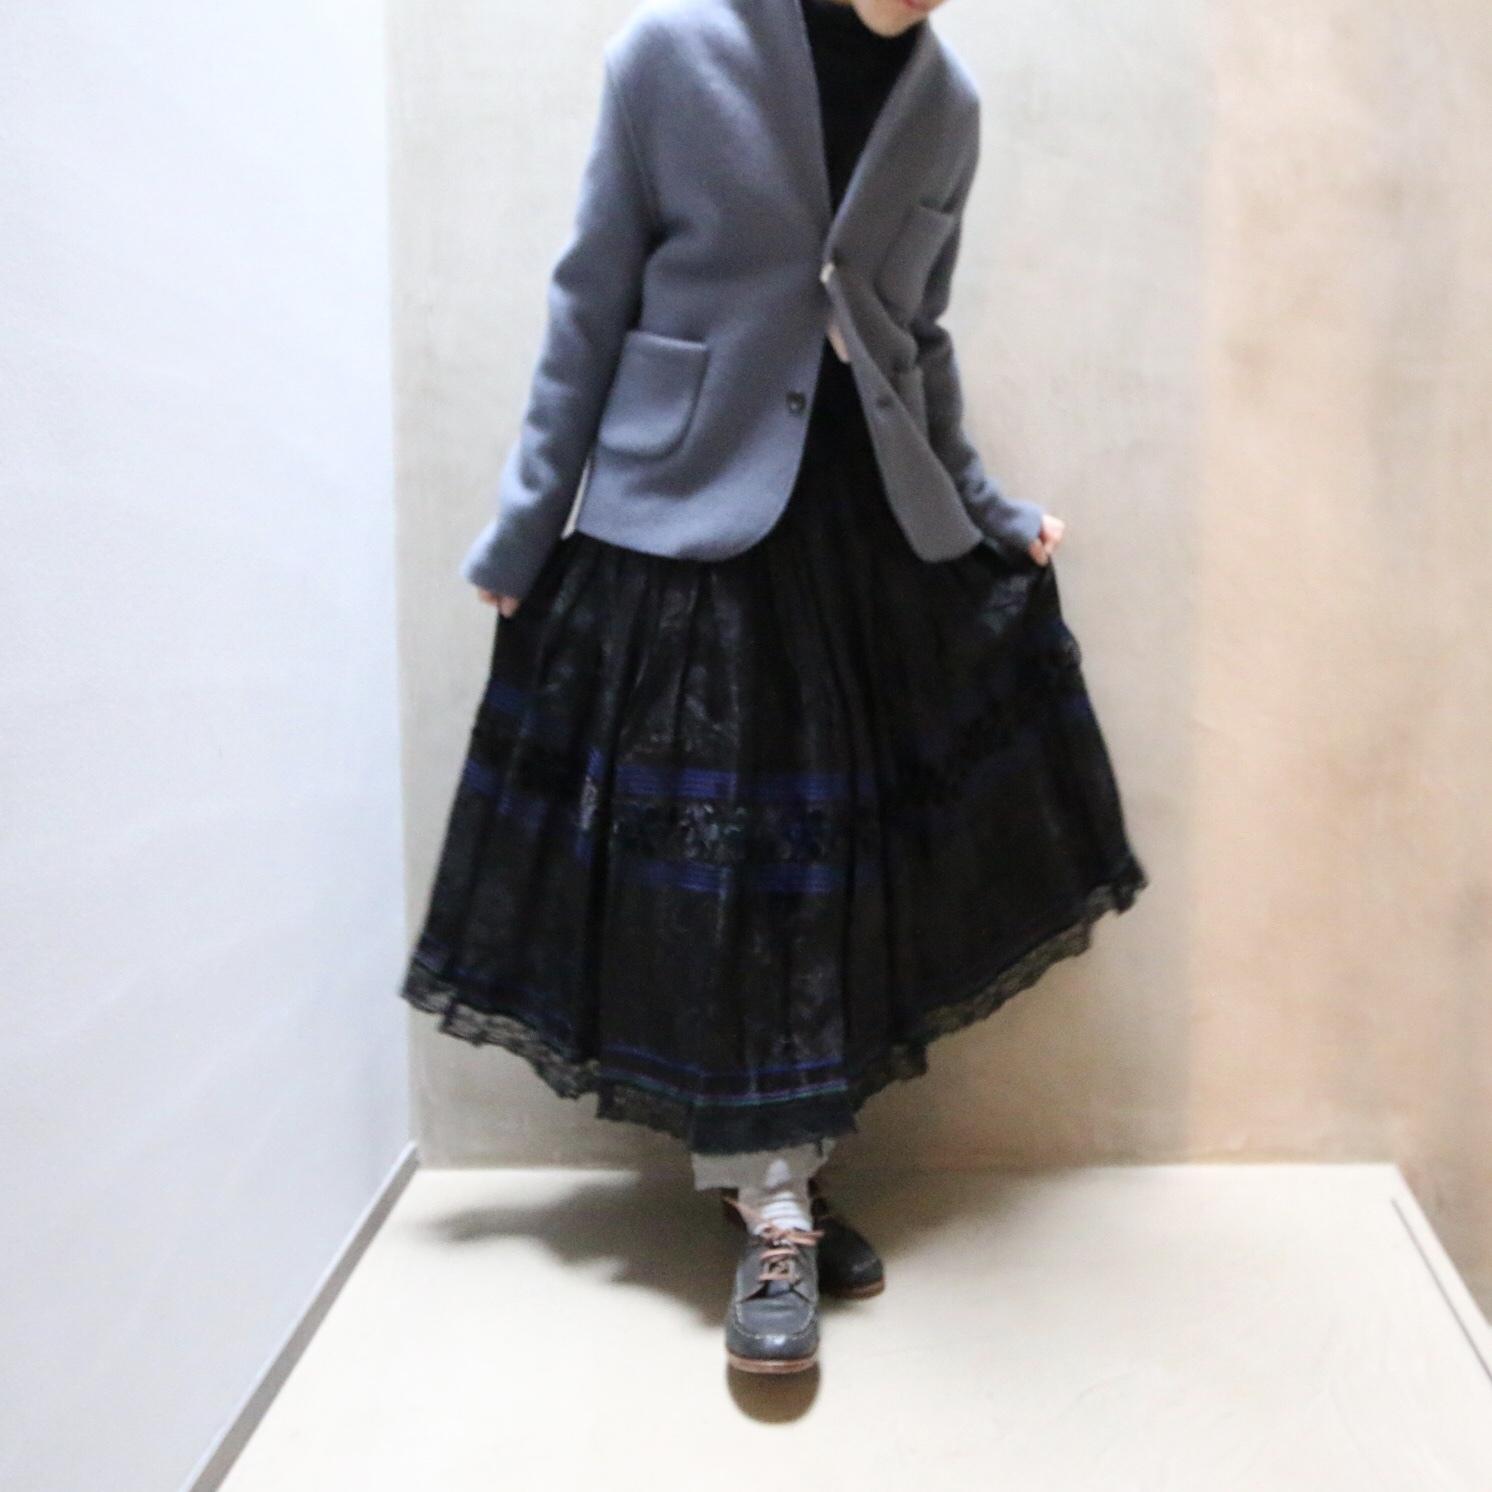 R&D.M.Co-/OLDMAN'S TAILOR Wool Felt Knit Jacket /ウールフェルトジャケット #4529